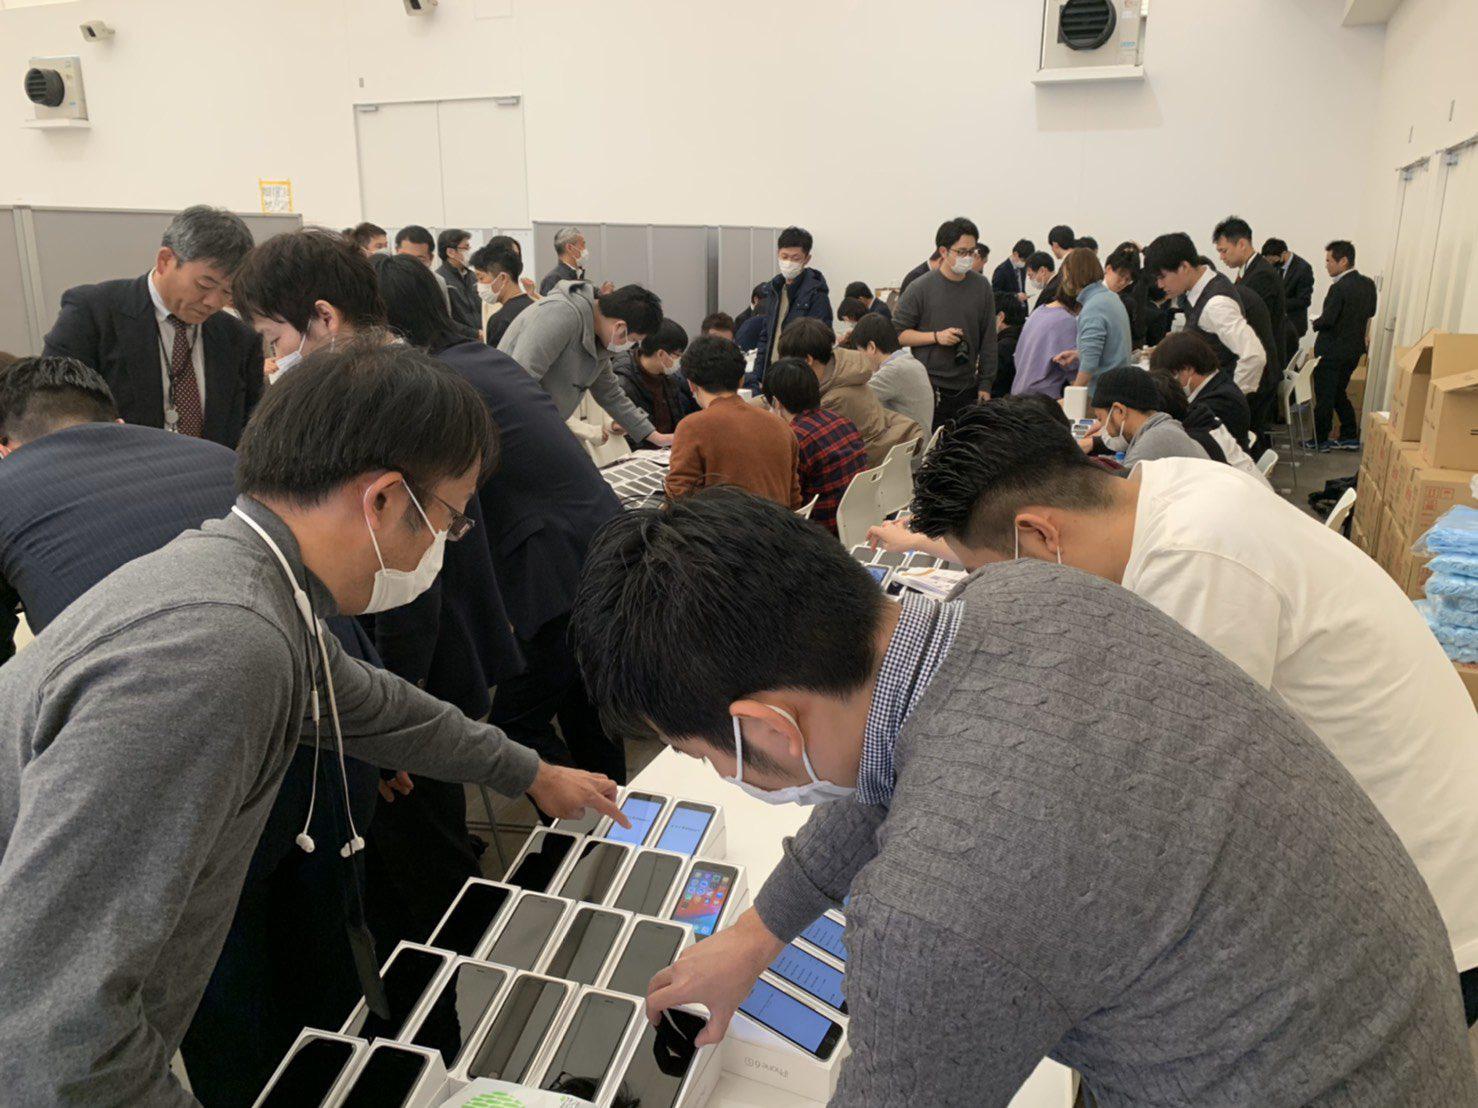 Nhật Bản trao 2.000 chiếc iPhone cho hành khách bị mắc kẹt trên tàu du lịch bị cách ly vì Covid-19 - Ảnh 1.